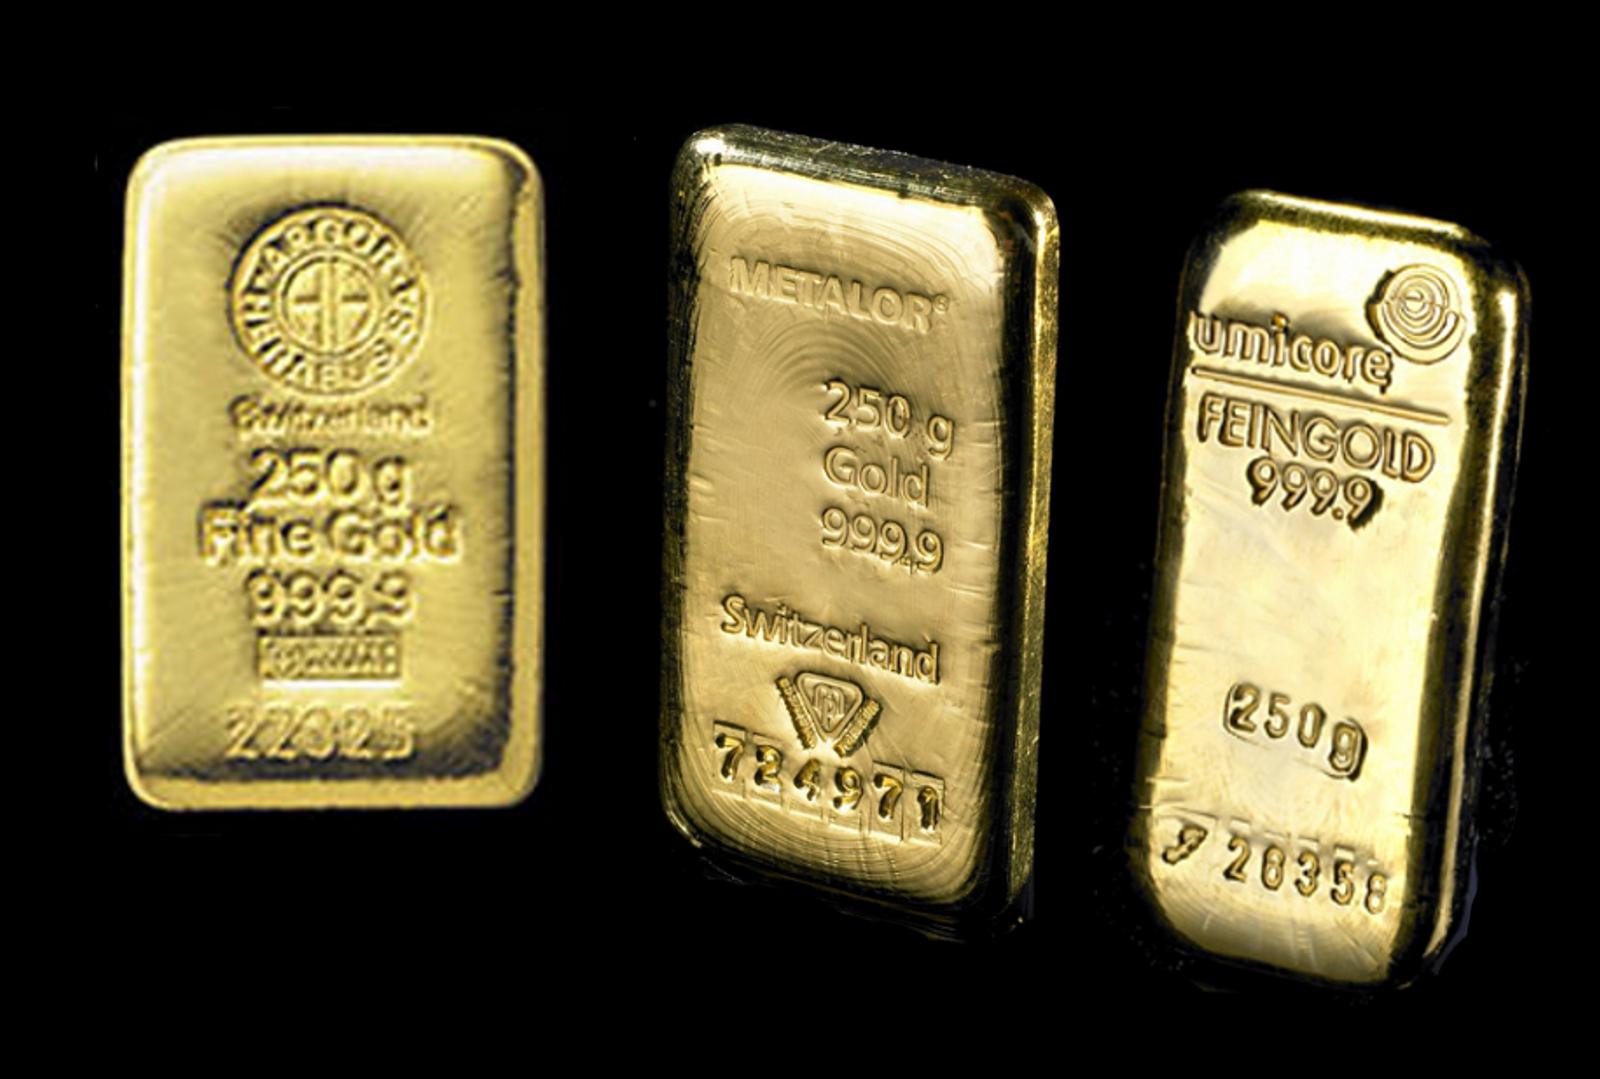 250g Gold Bars Best Value Bullionbypost From 163 6 425